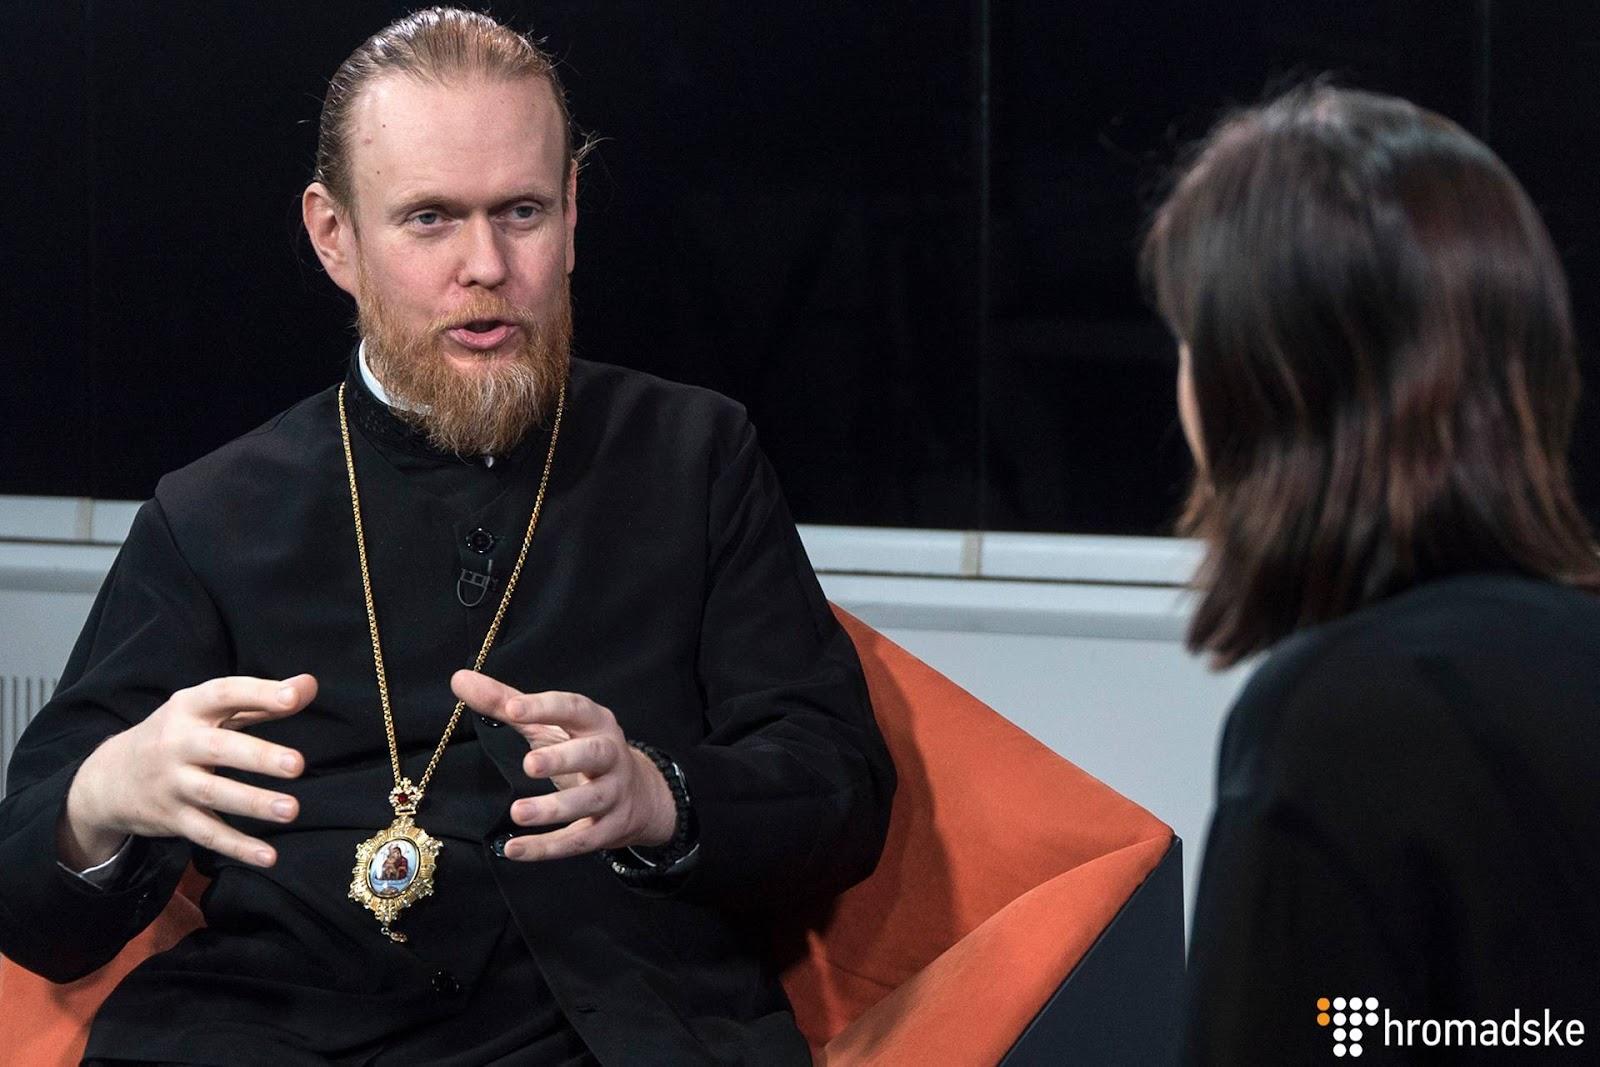 Архієпископ Чернігівський і Ніжинський Православної церкви в Україні Євстратій (Зоря) у студії Громадського, Київ, 6 лютого 2019 року